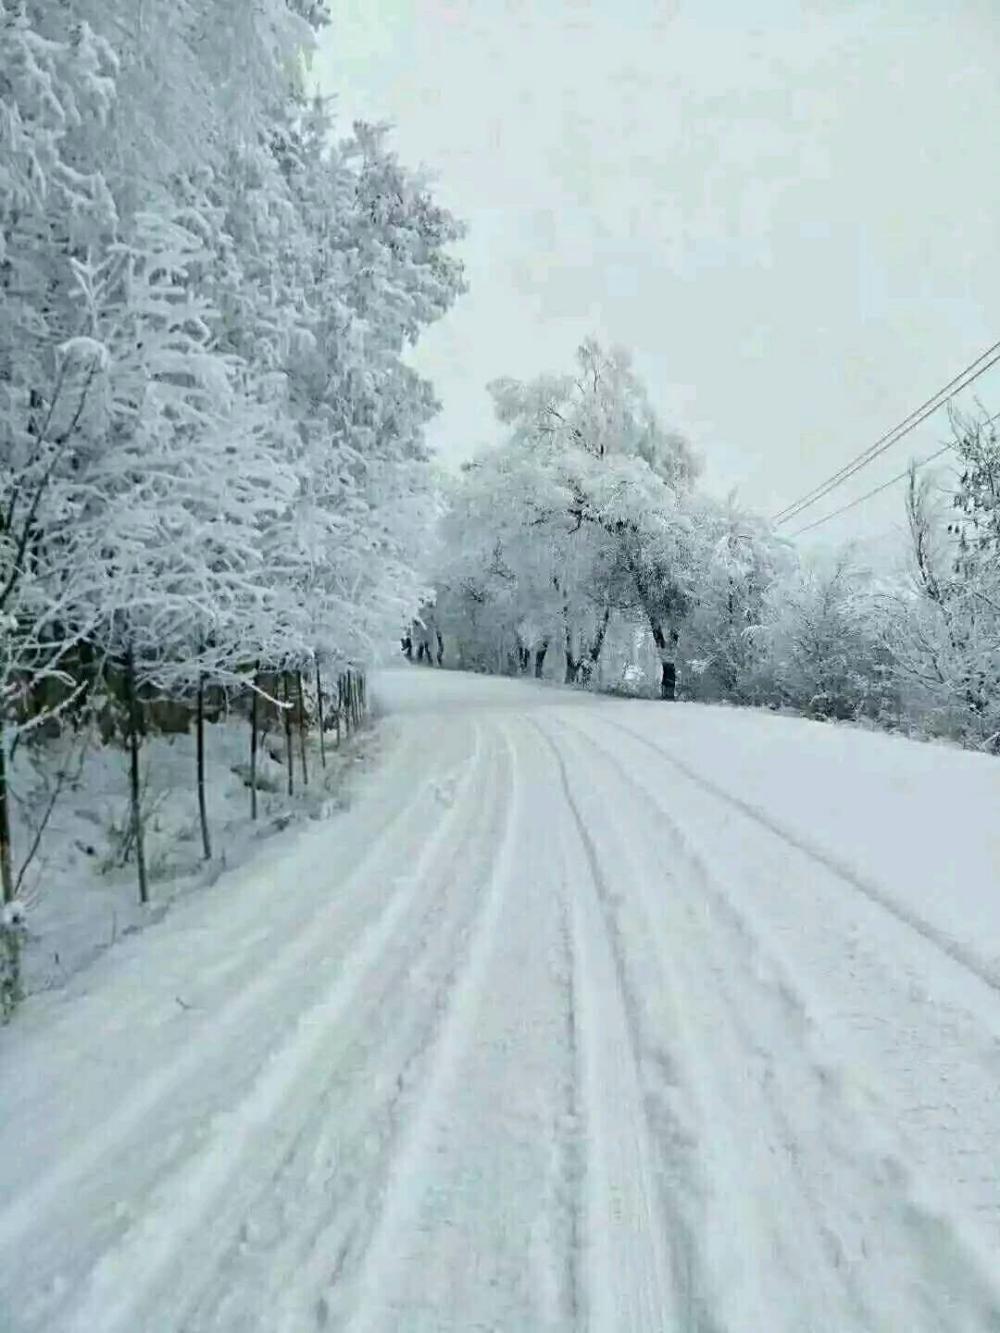 西安临潼大雪纷飞的风景, 景色像仙境一样美, 你去旅游欣赏过吗?